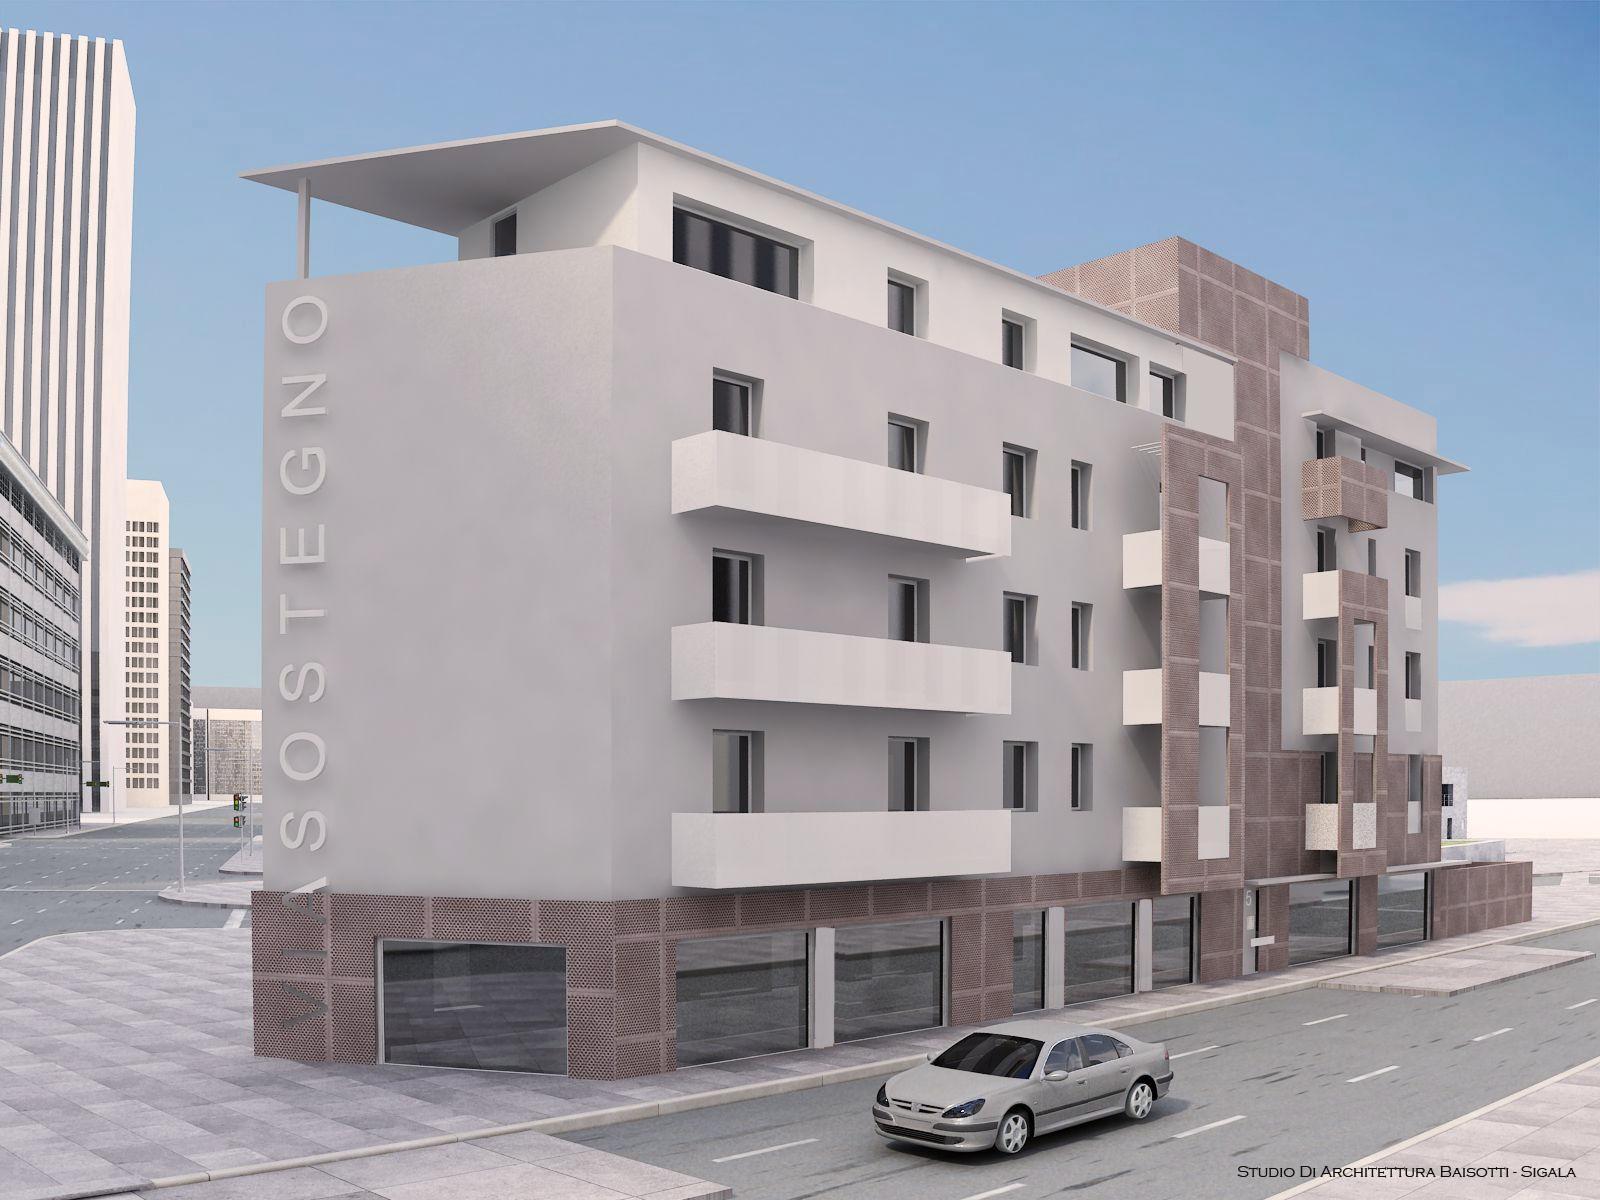 Studio-di-architettura-Baisotti-Sigala-prgetti83